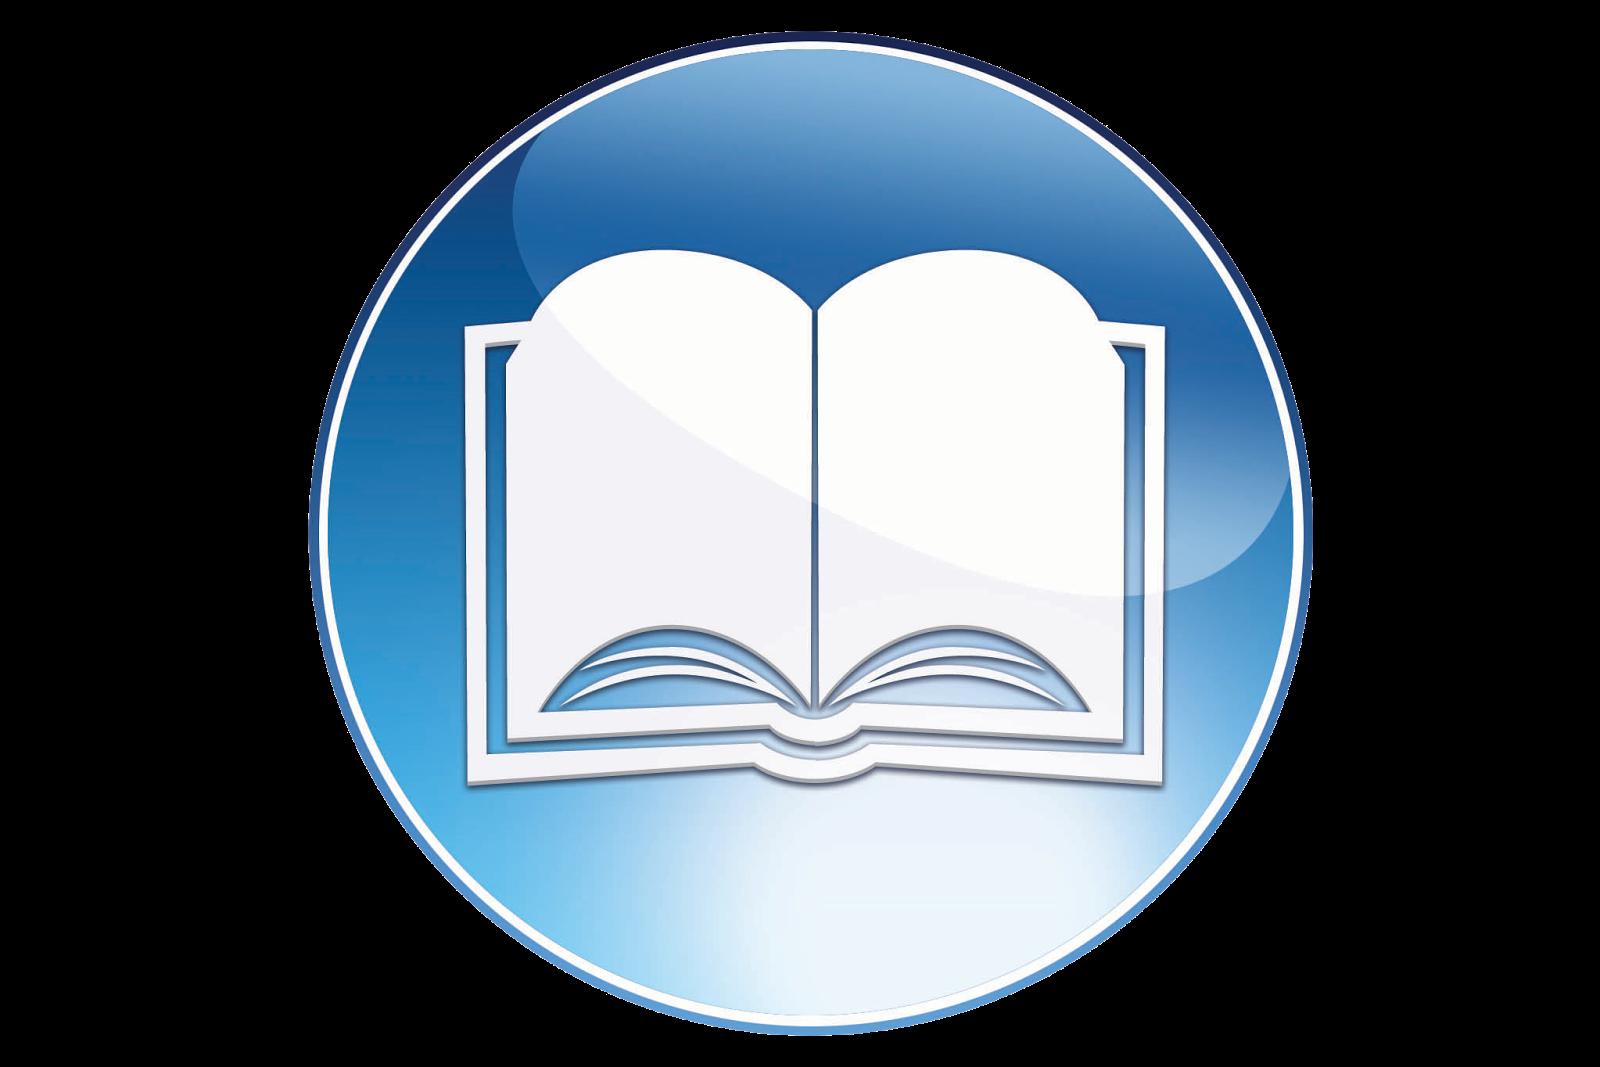 مراجعتي : موقع تعليمي يوفر الدروس و المعلومات التي تخص التلاميذ و الطلاب و آخر الأخبار التربوية